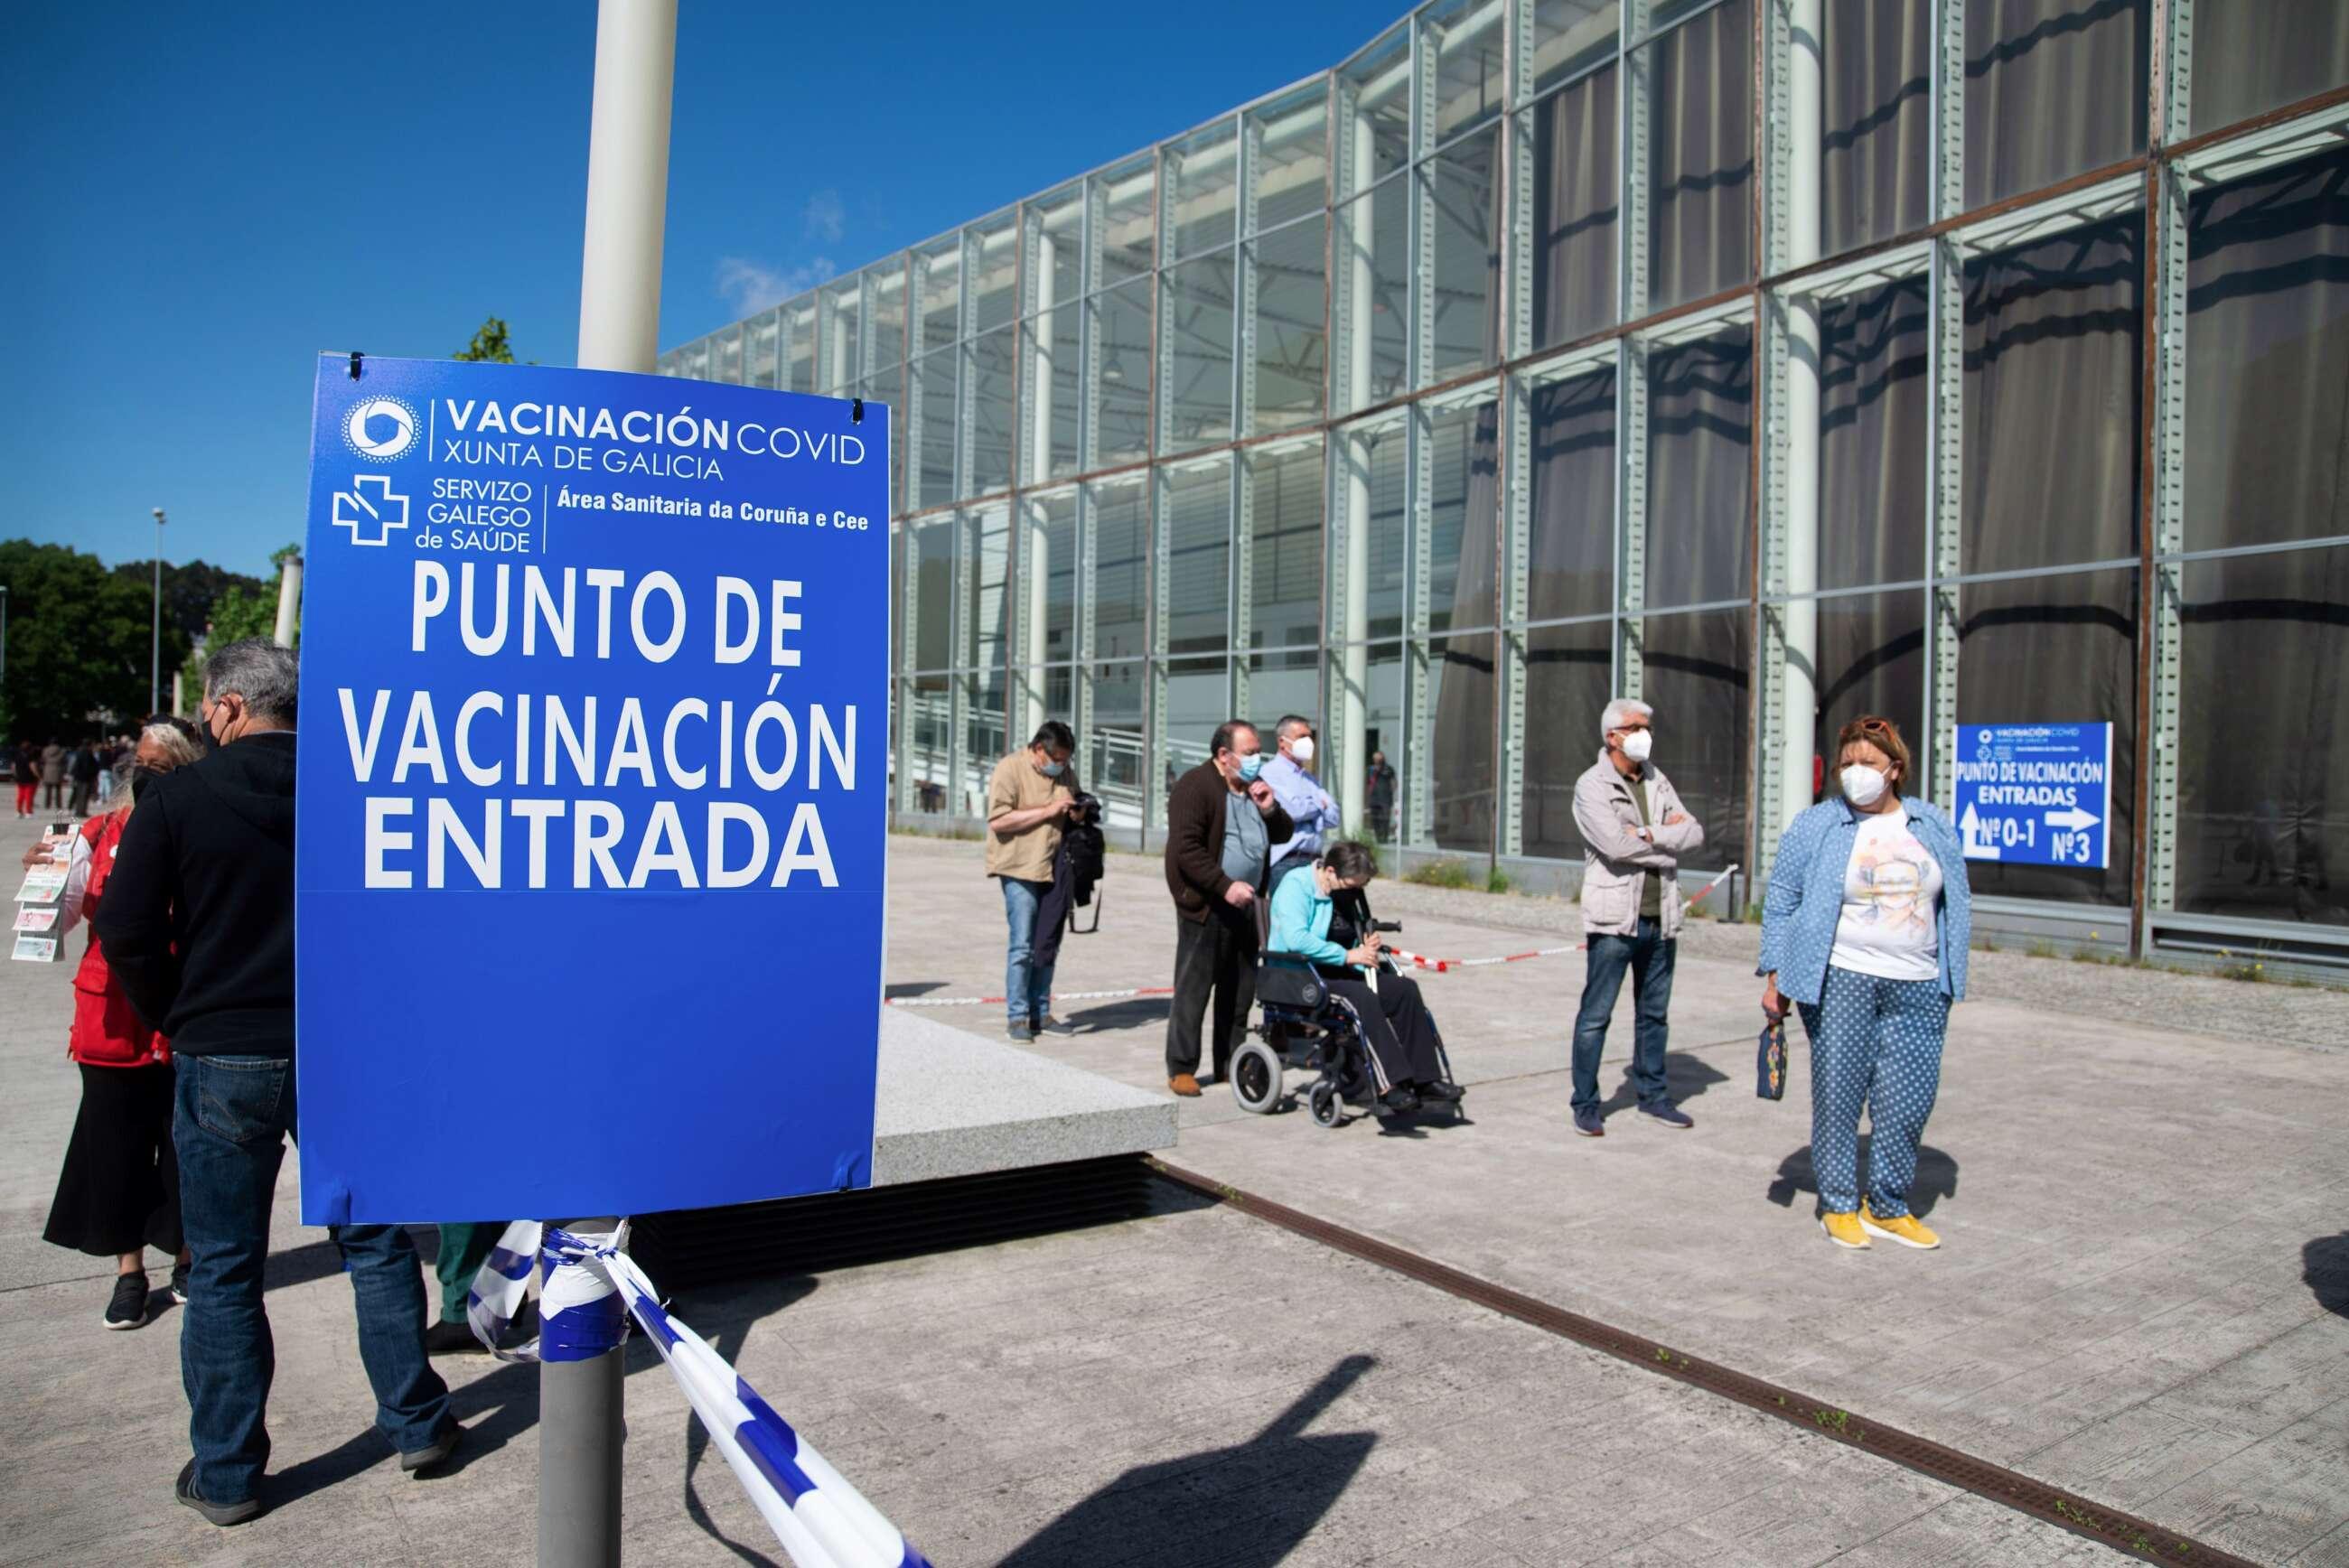 Punto de vacunación en A Coruña. EFE/ Moncho Fuentes